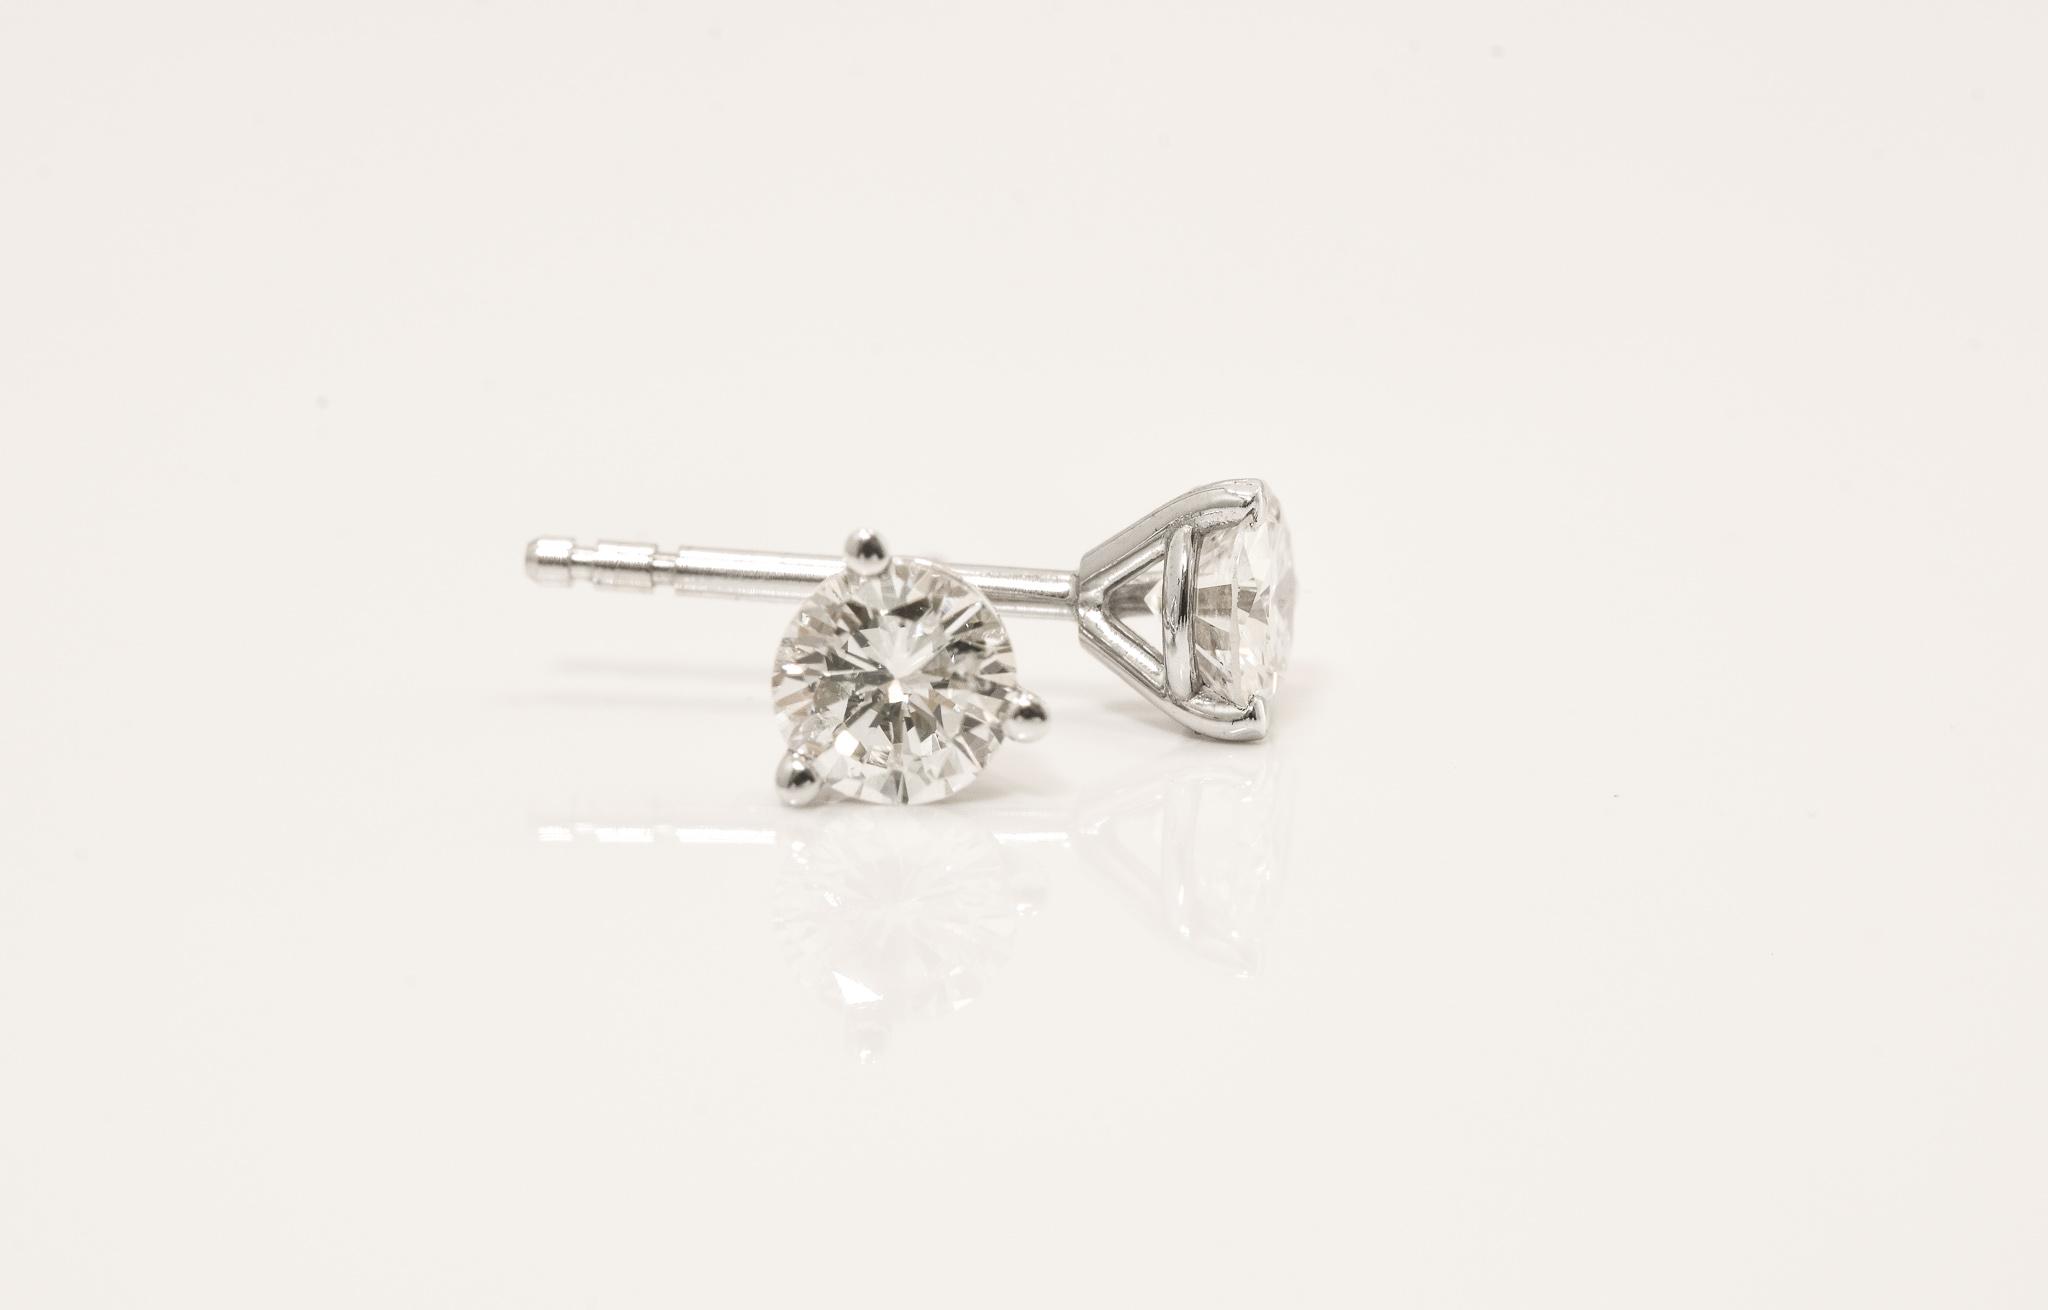 14 kt White Gold Diamond Stud Earrings.  .50 ct. tdwt.  SI1-SI2, H-I